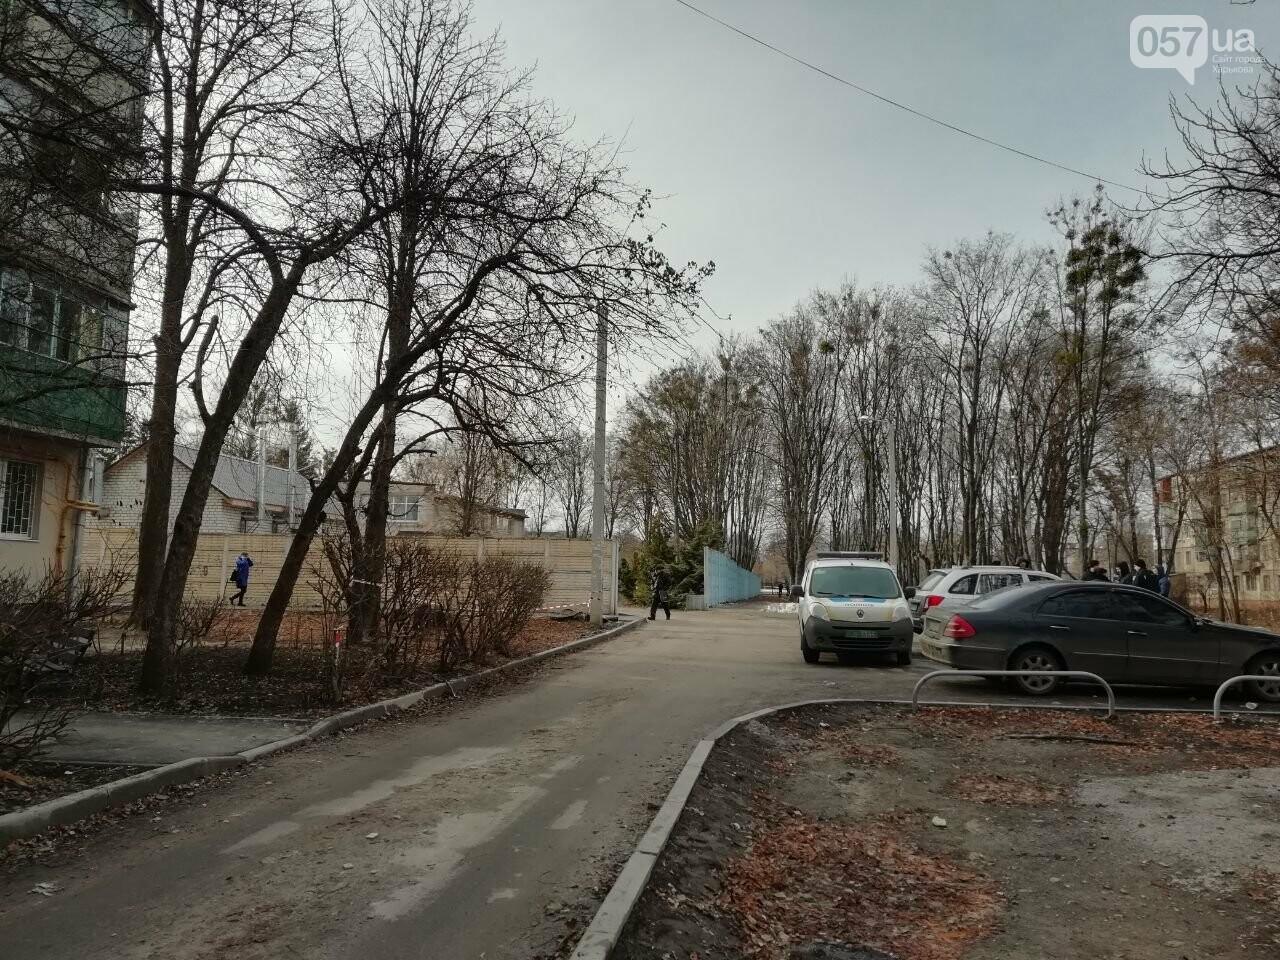 Выстрелы возле дома и неизвестные в масках: что рассказали жители о стрельбе на Московском проспекте, - ФОТО, фото-1